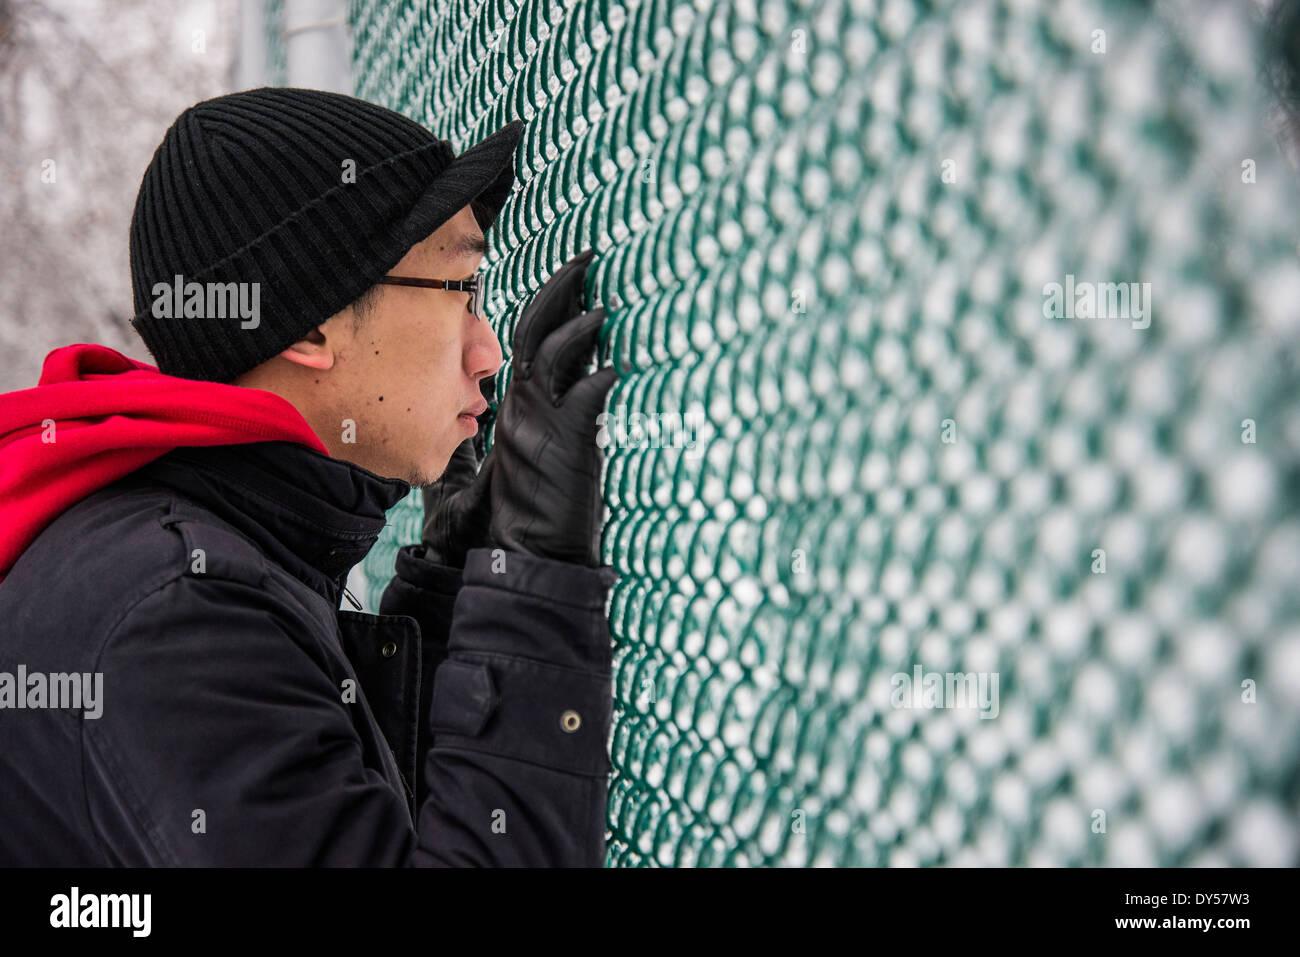 Ritratto di giovane uomo guardando attraverso la recinzione del parco a -30 gradi Celsius Immagini Stock